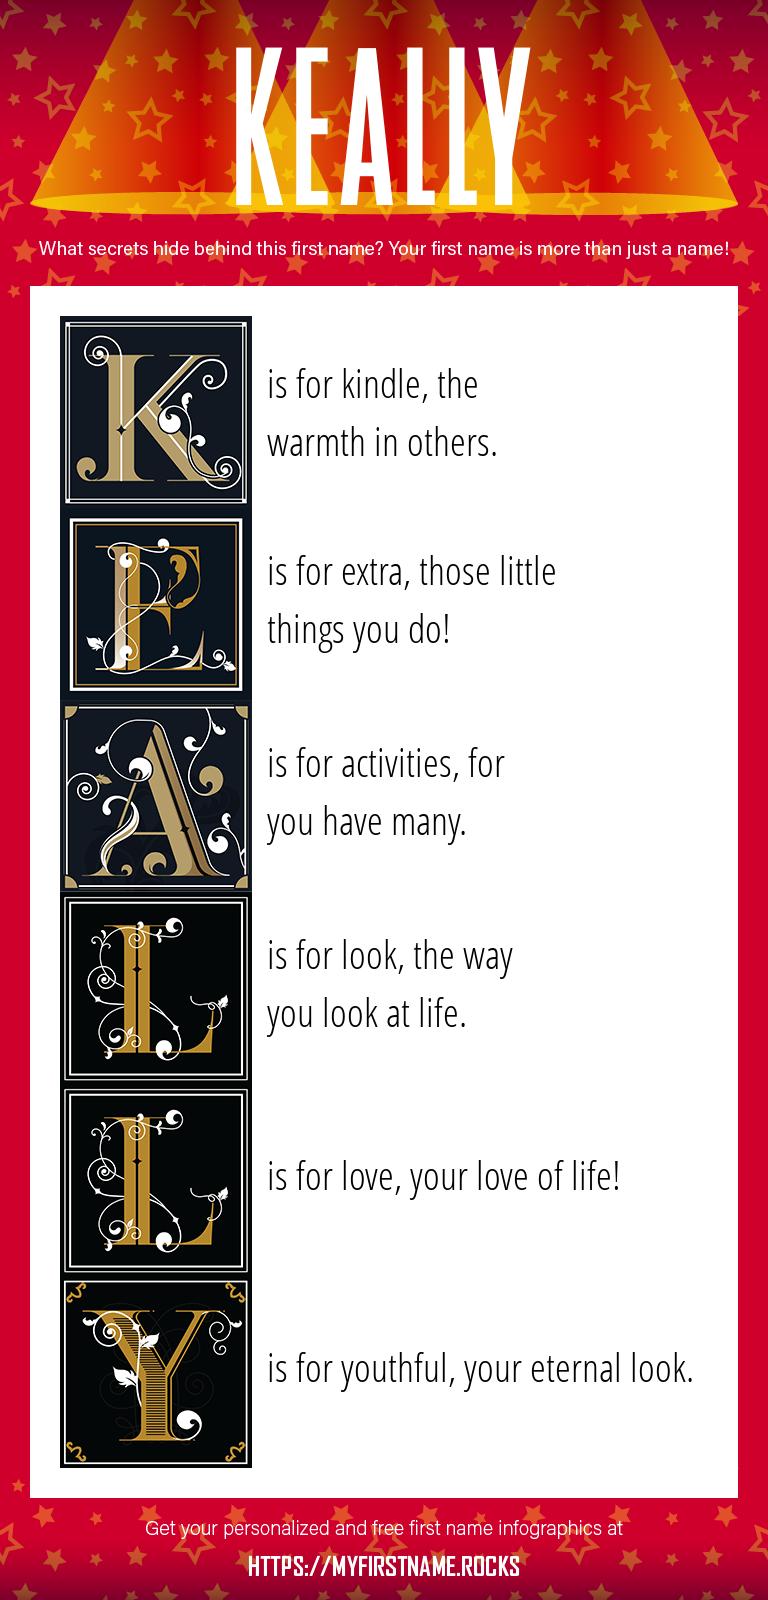 Keally Infographics